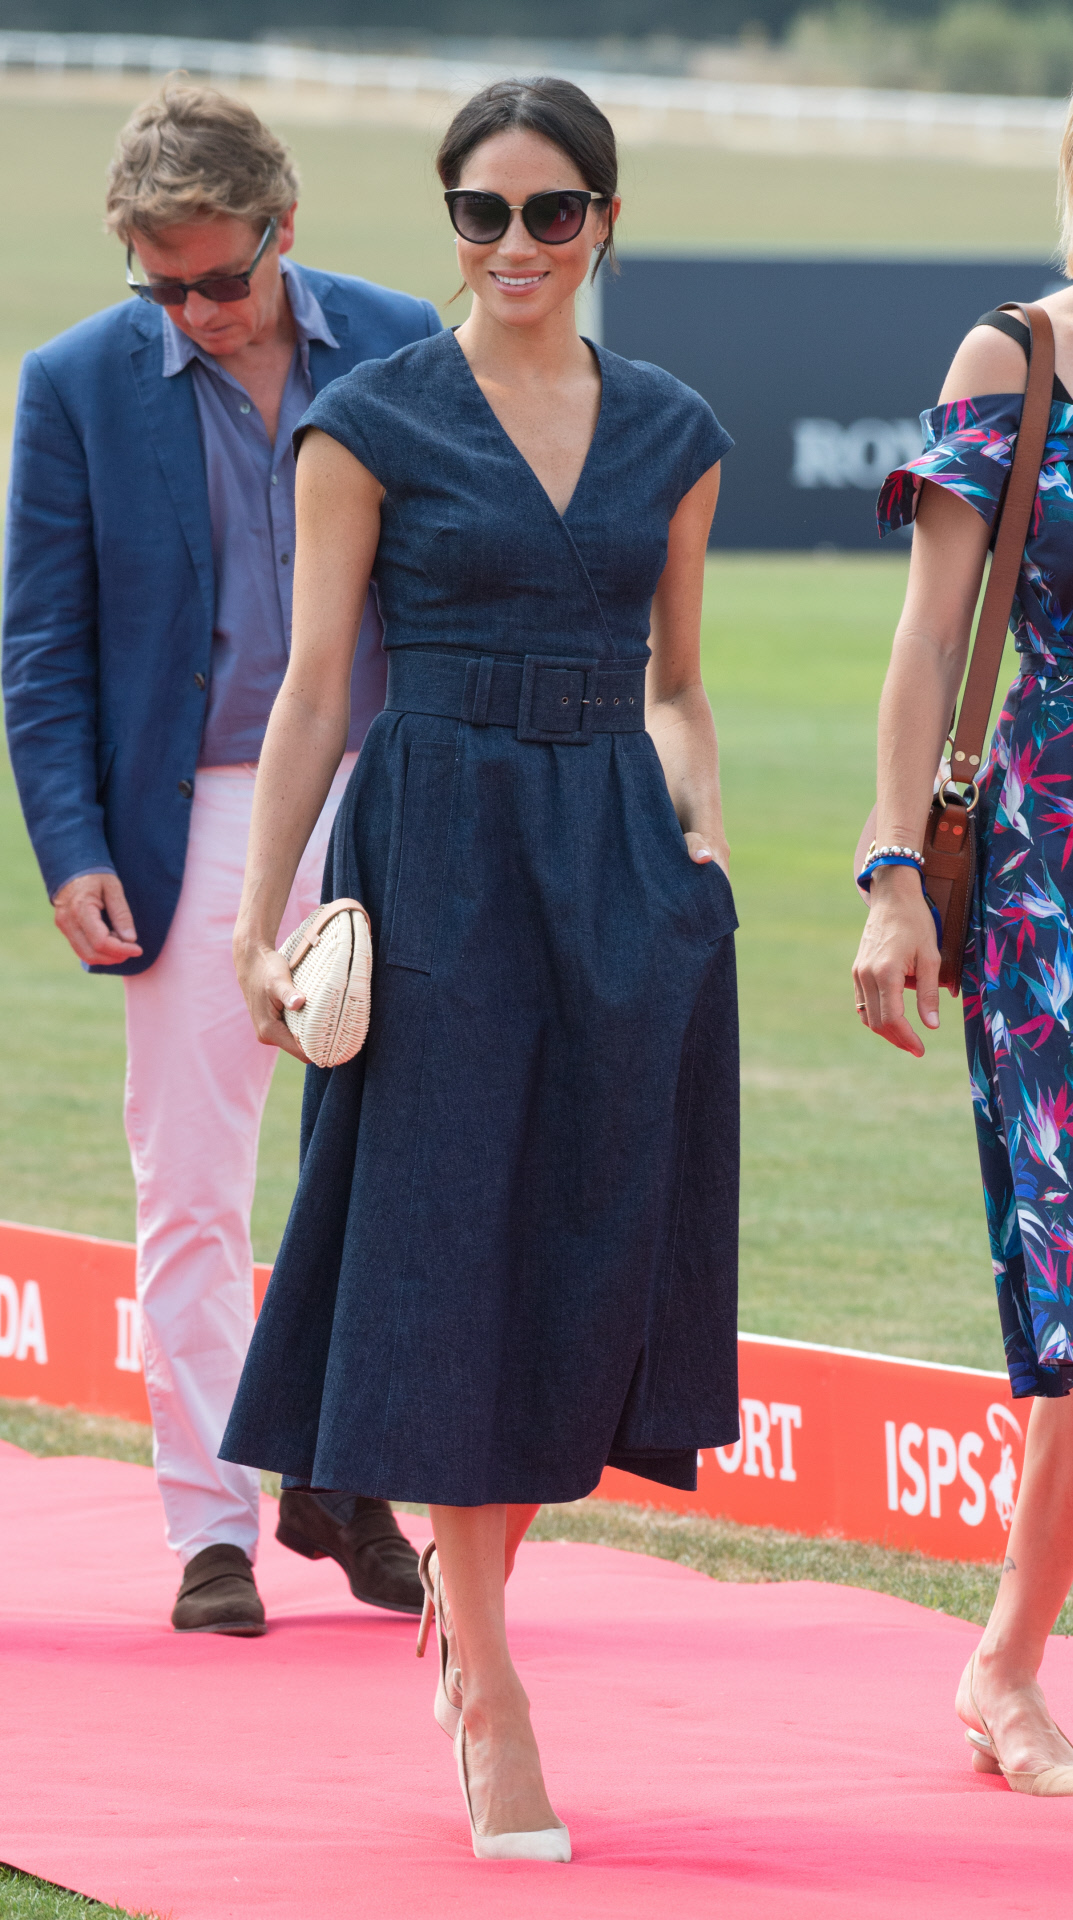 El bolso 'low cost' que comparten Meghan Markle y Pippa Middleton